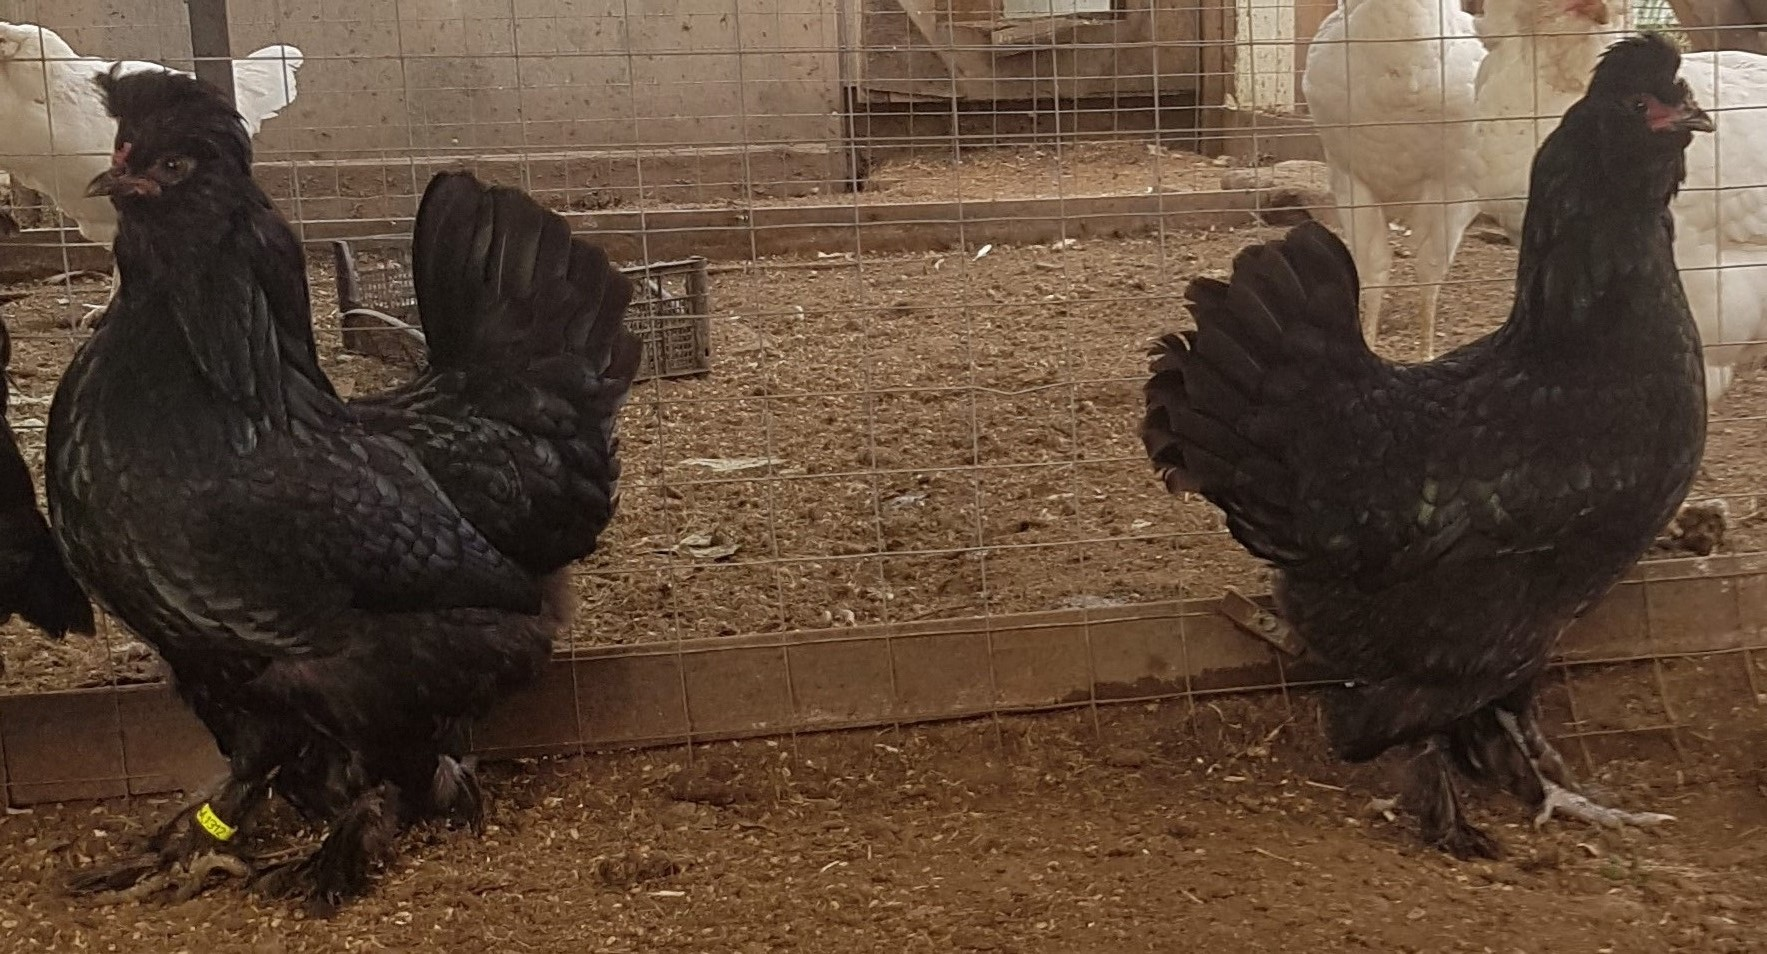 Сибирская порода кур – описание Мохноножки, фото и видео